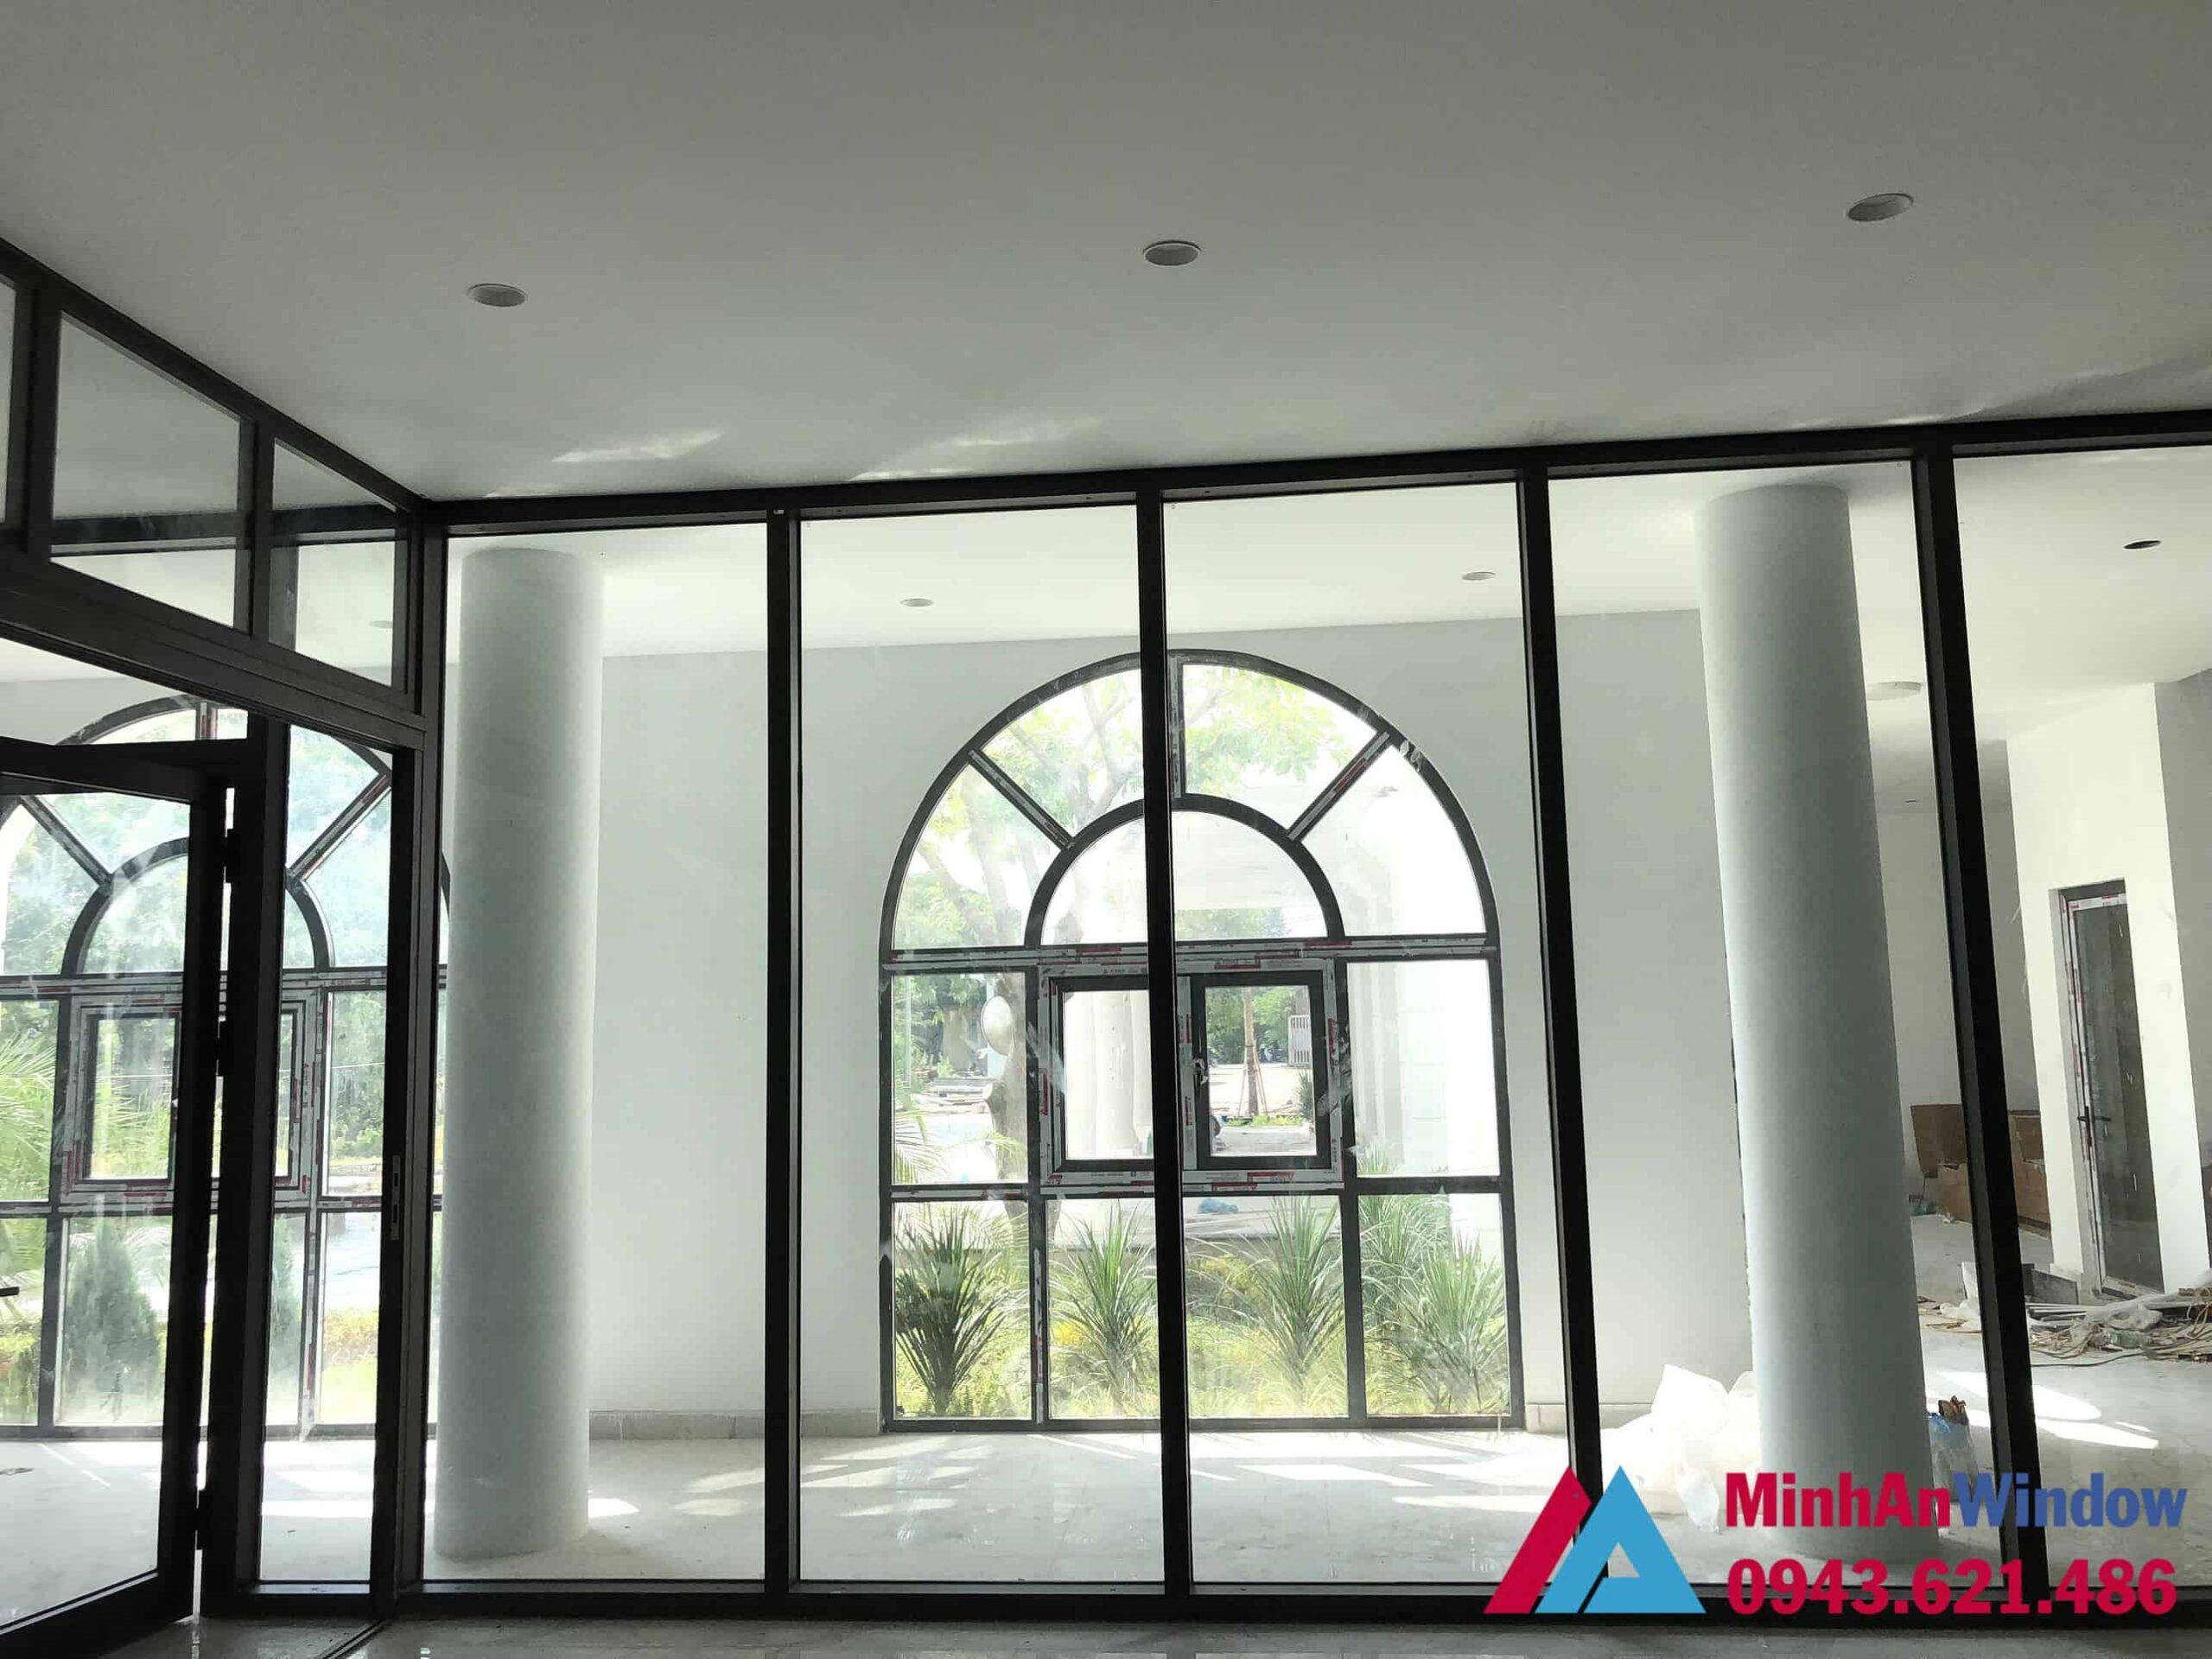 Cửa, vách nhôm kính fo Minh An Window thi công và lắp đặt